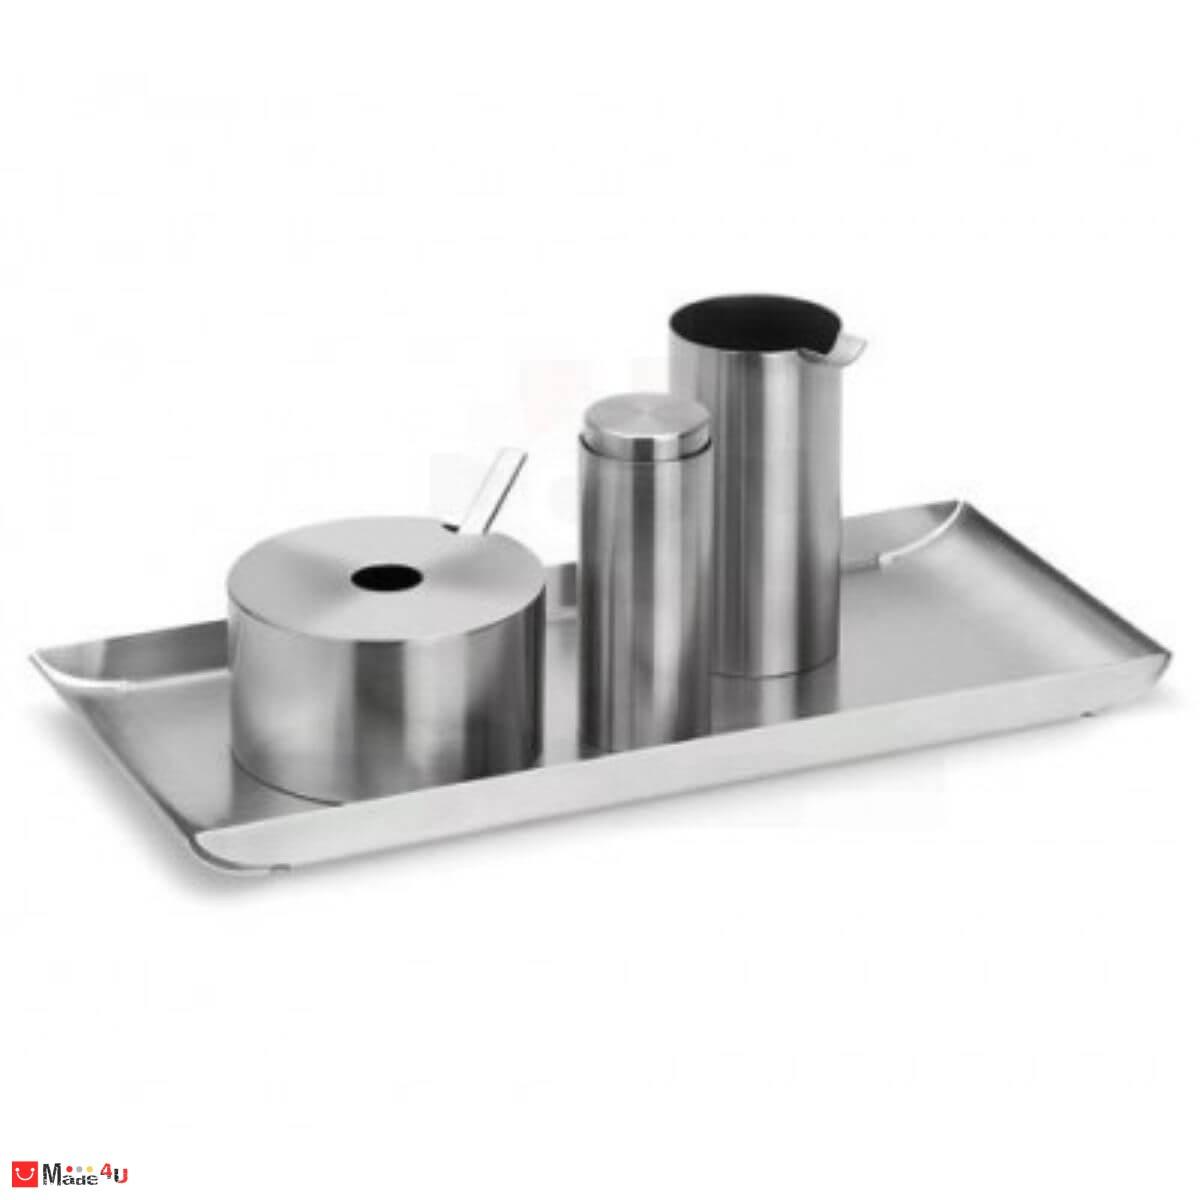 Табла / Поднос за топло и студено сервиране от неръждаема стомана - TRAYAN, BLOMUS